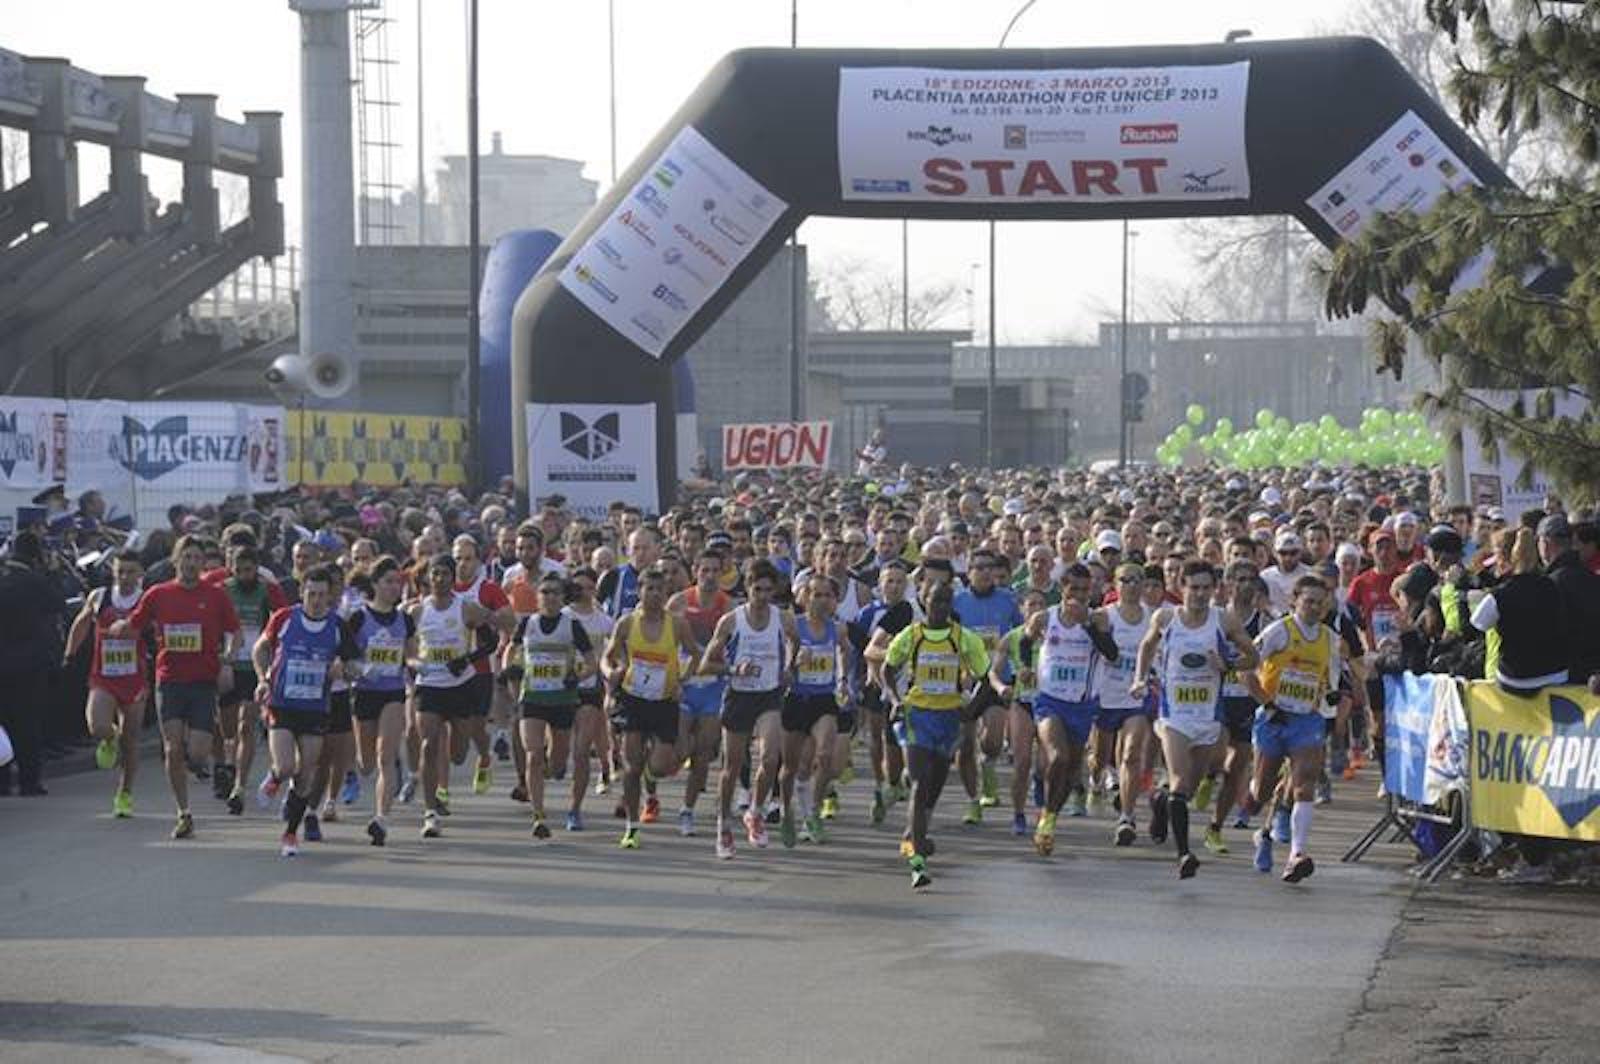 Numeri da record per la ''Placentia Marathon for UNICEF